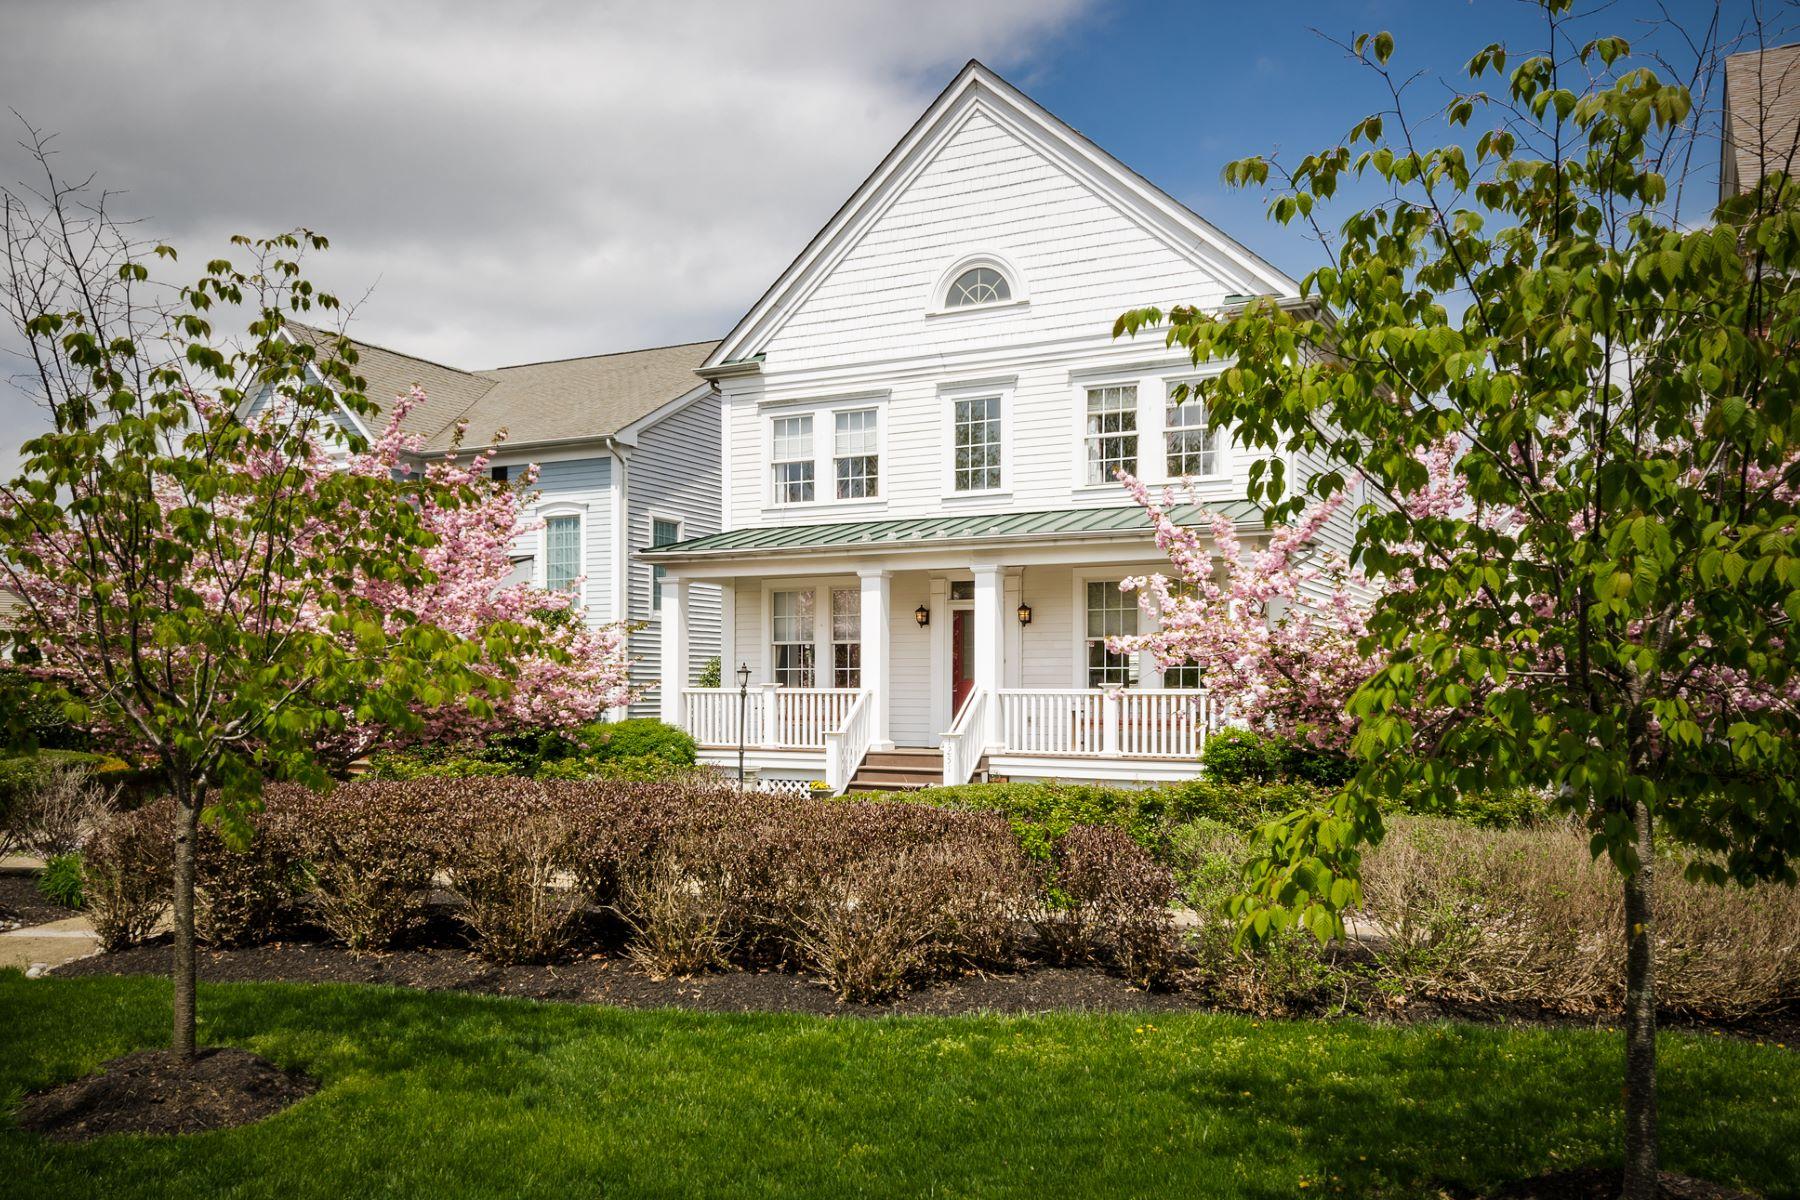 独户住宅 为 销售 在 Carriage VI Model in Washington Town Center 1251 Park Street 罗宾斯维尔, 新泽西州 08691 美国